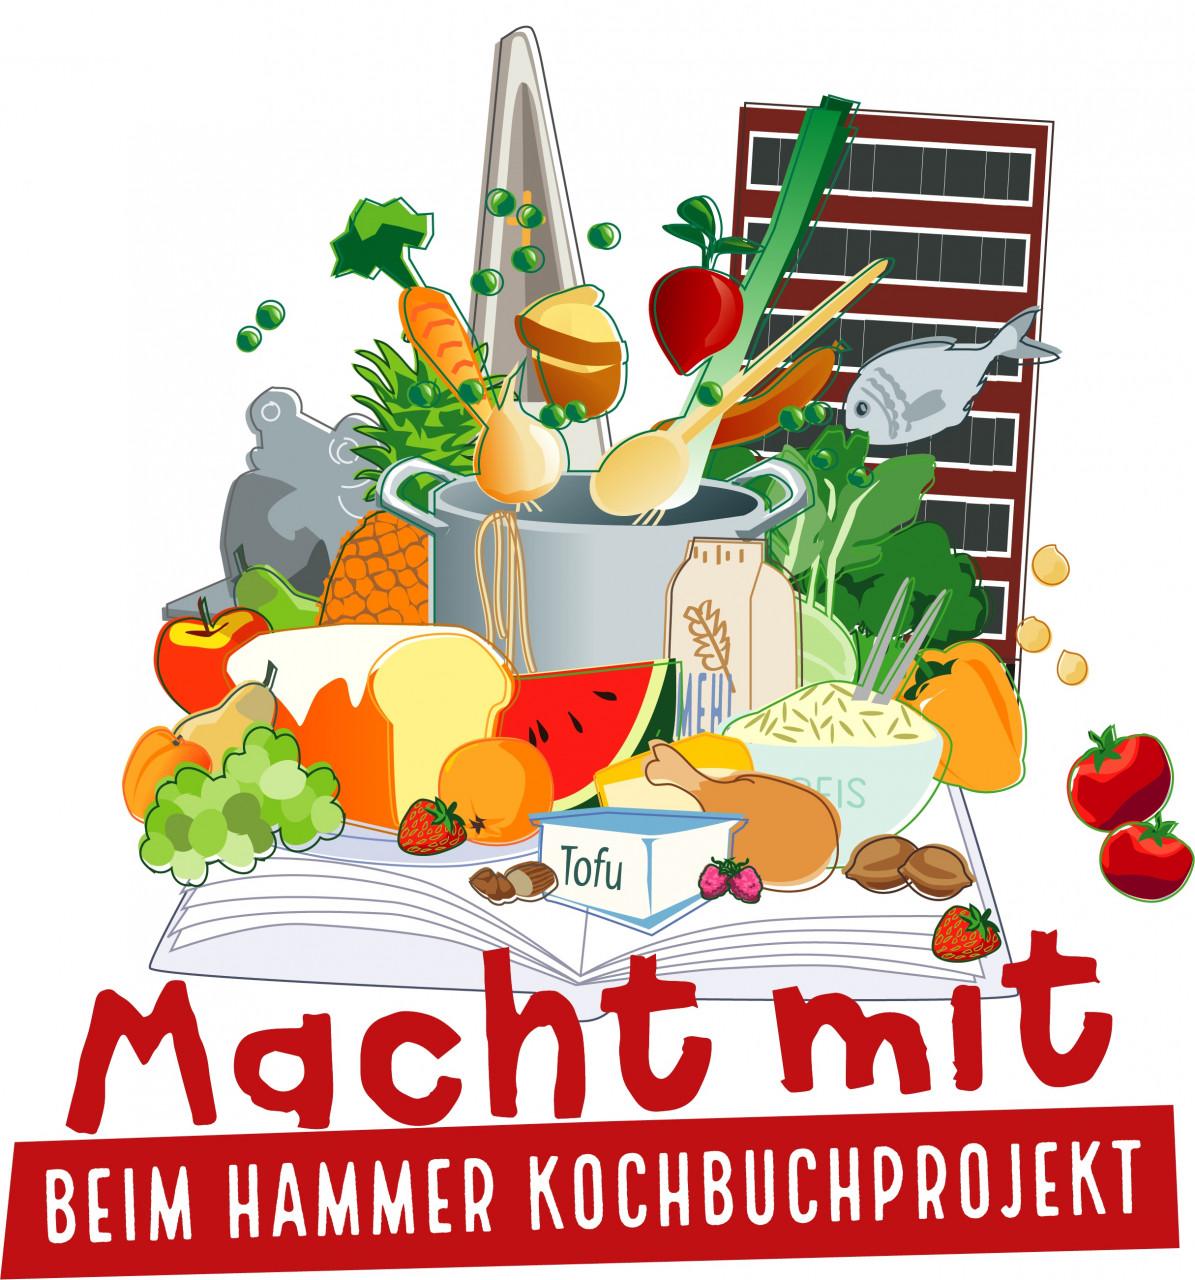 Kochbuch-Plakat